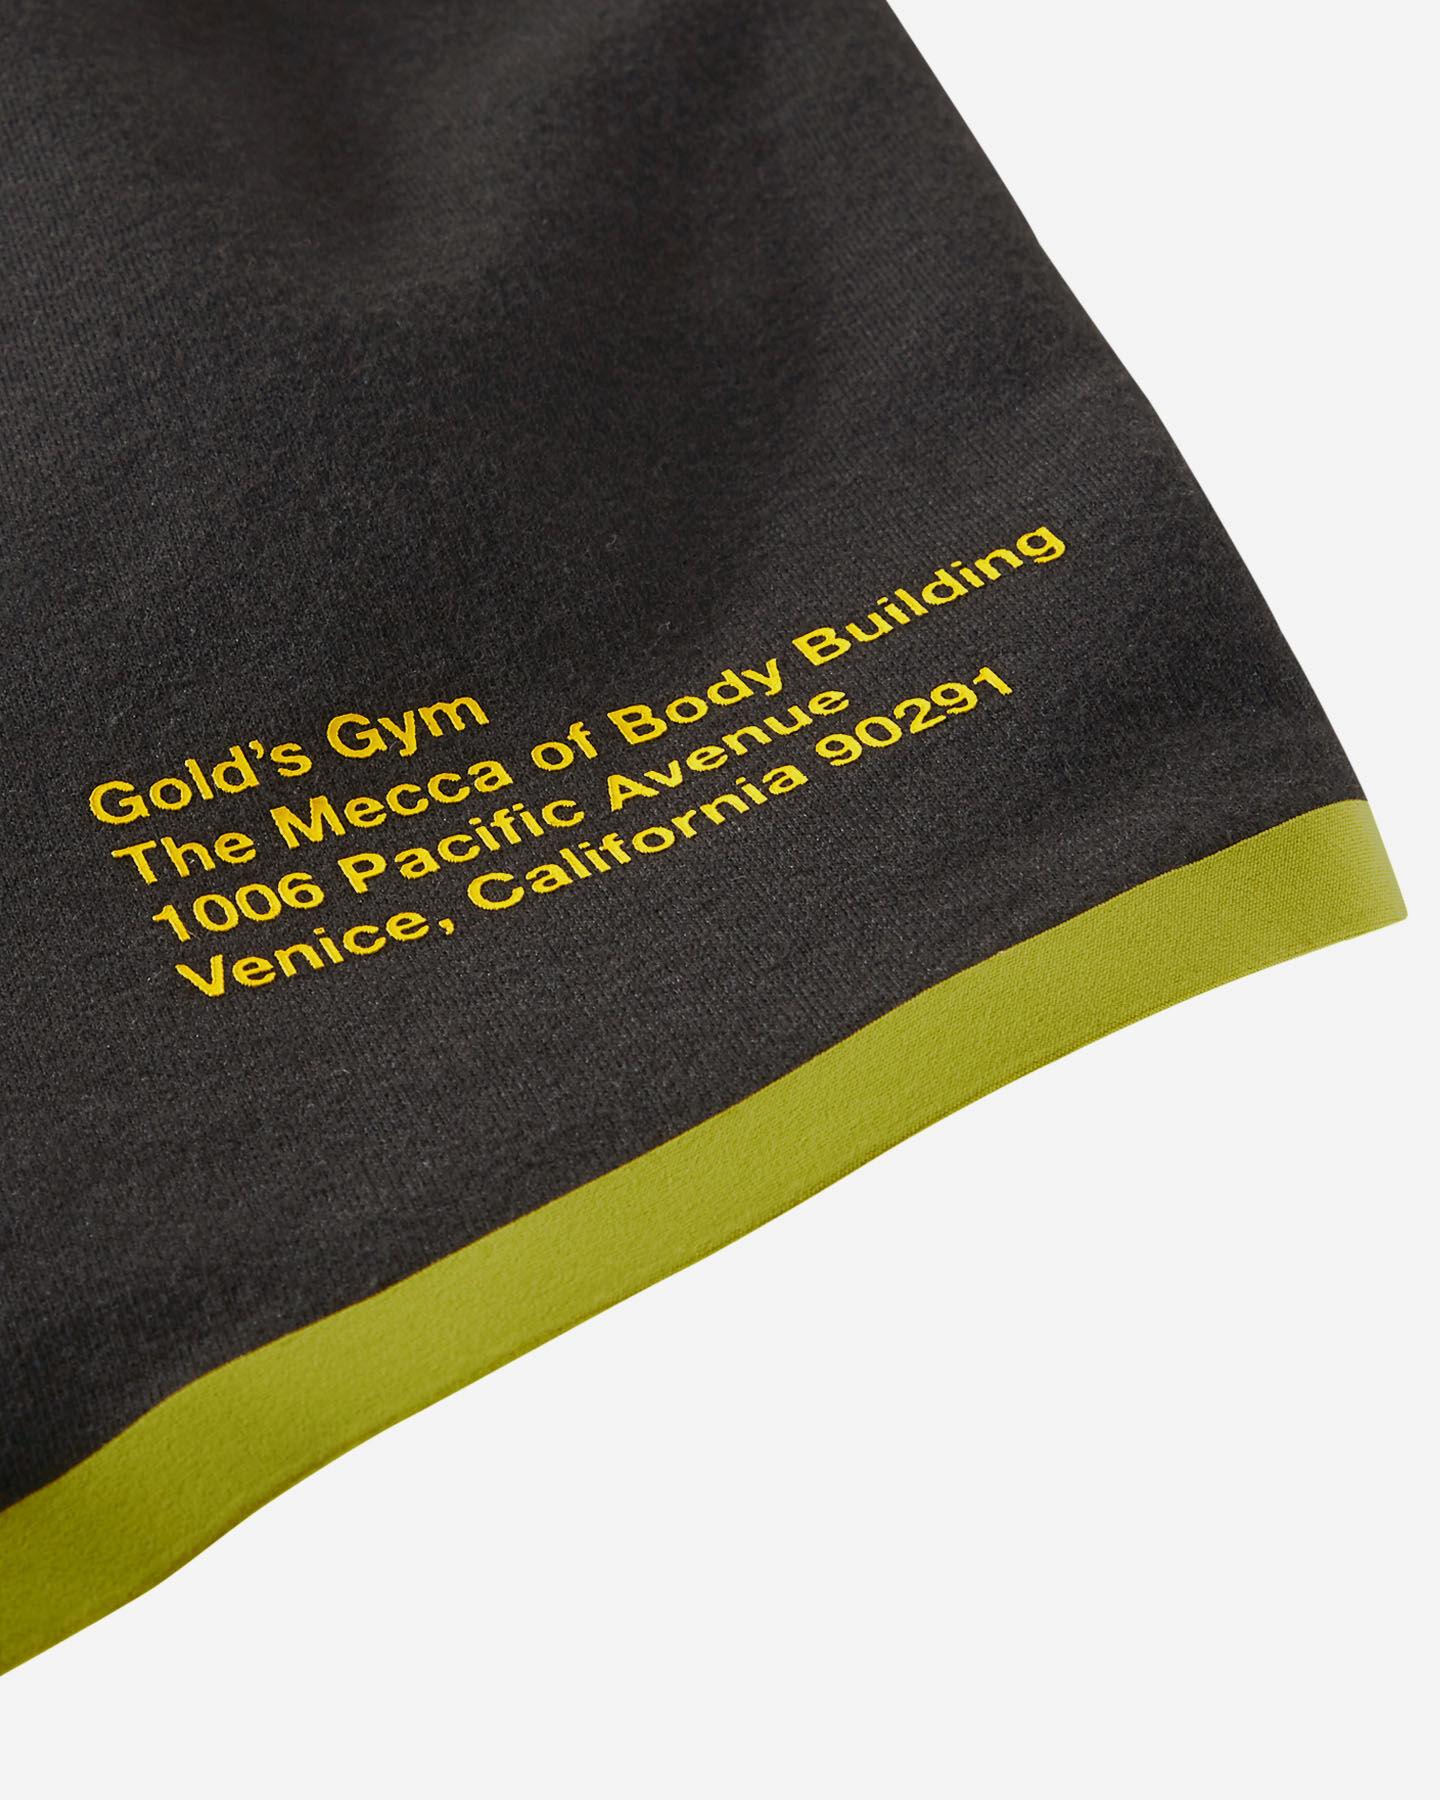 Pantaloncini PUMA GOLD'S GYM W S5192866 scatto 3